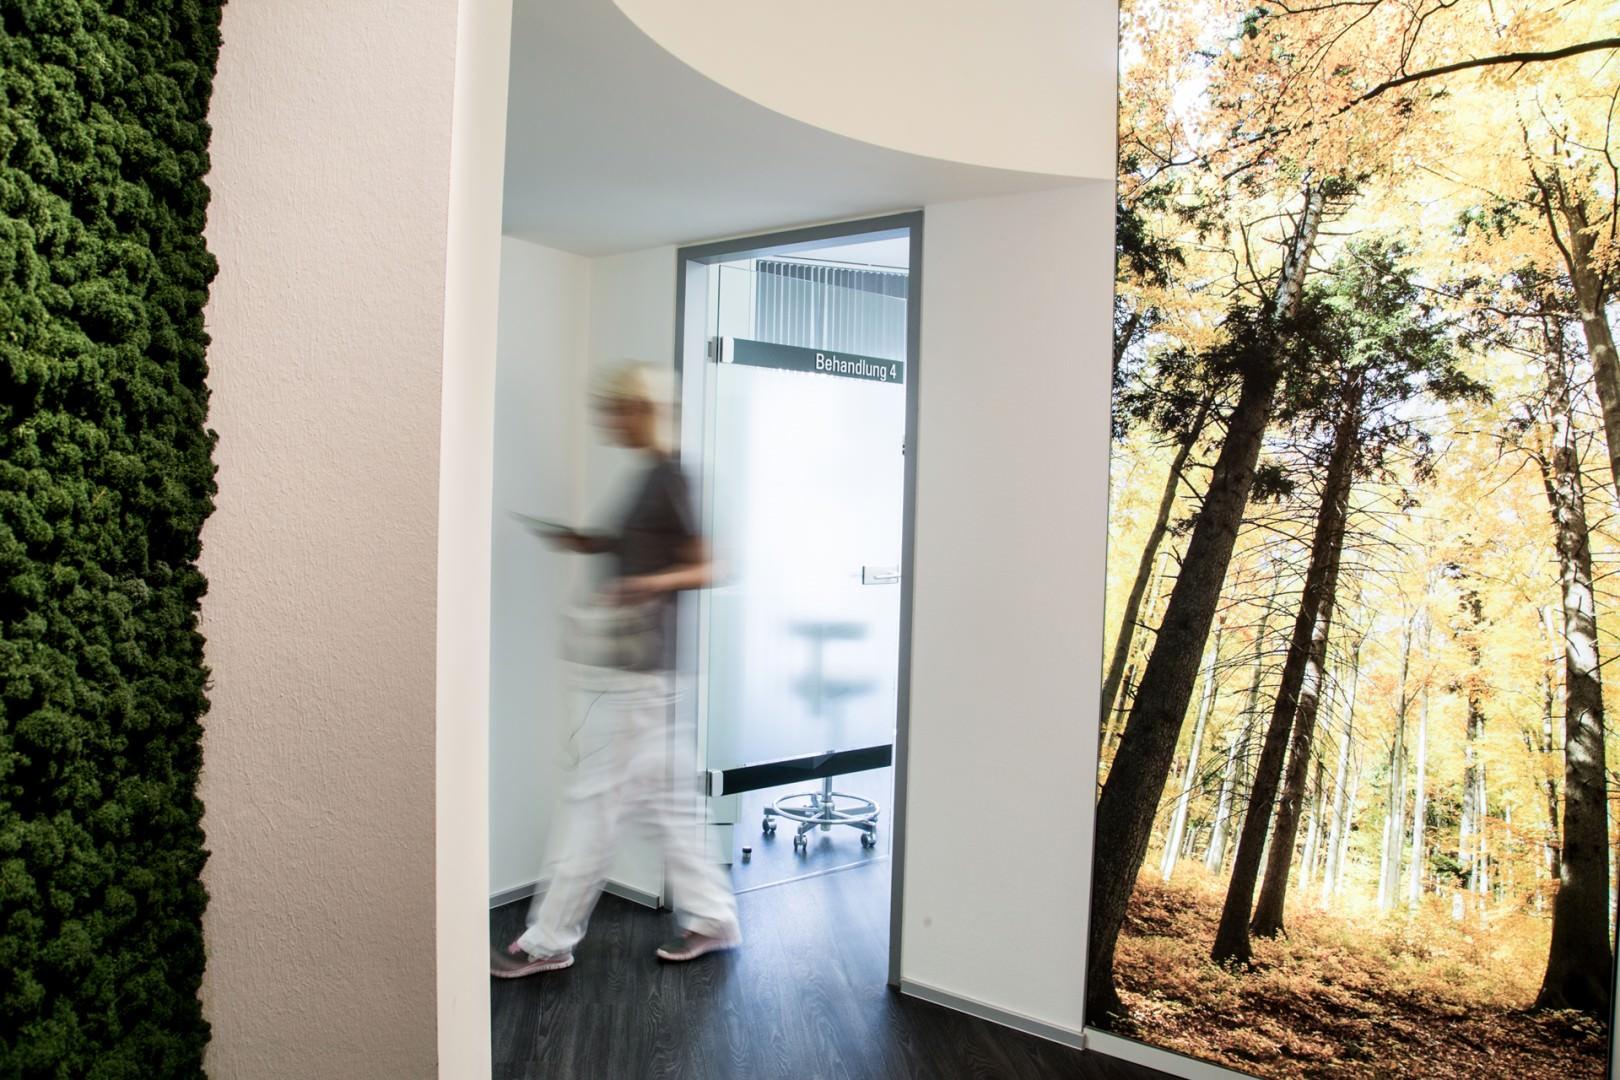 Zahnarzt Köln Blick in den Flur zum Behandlungszimmer 4 der zahnarztpraxis Zahnkultur